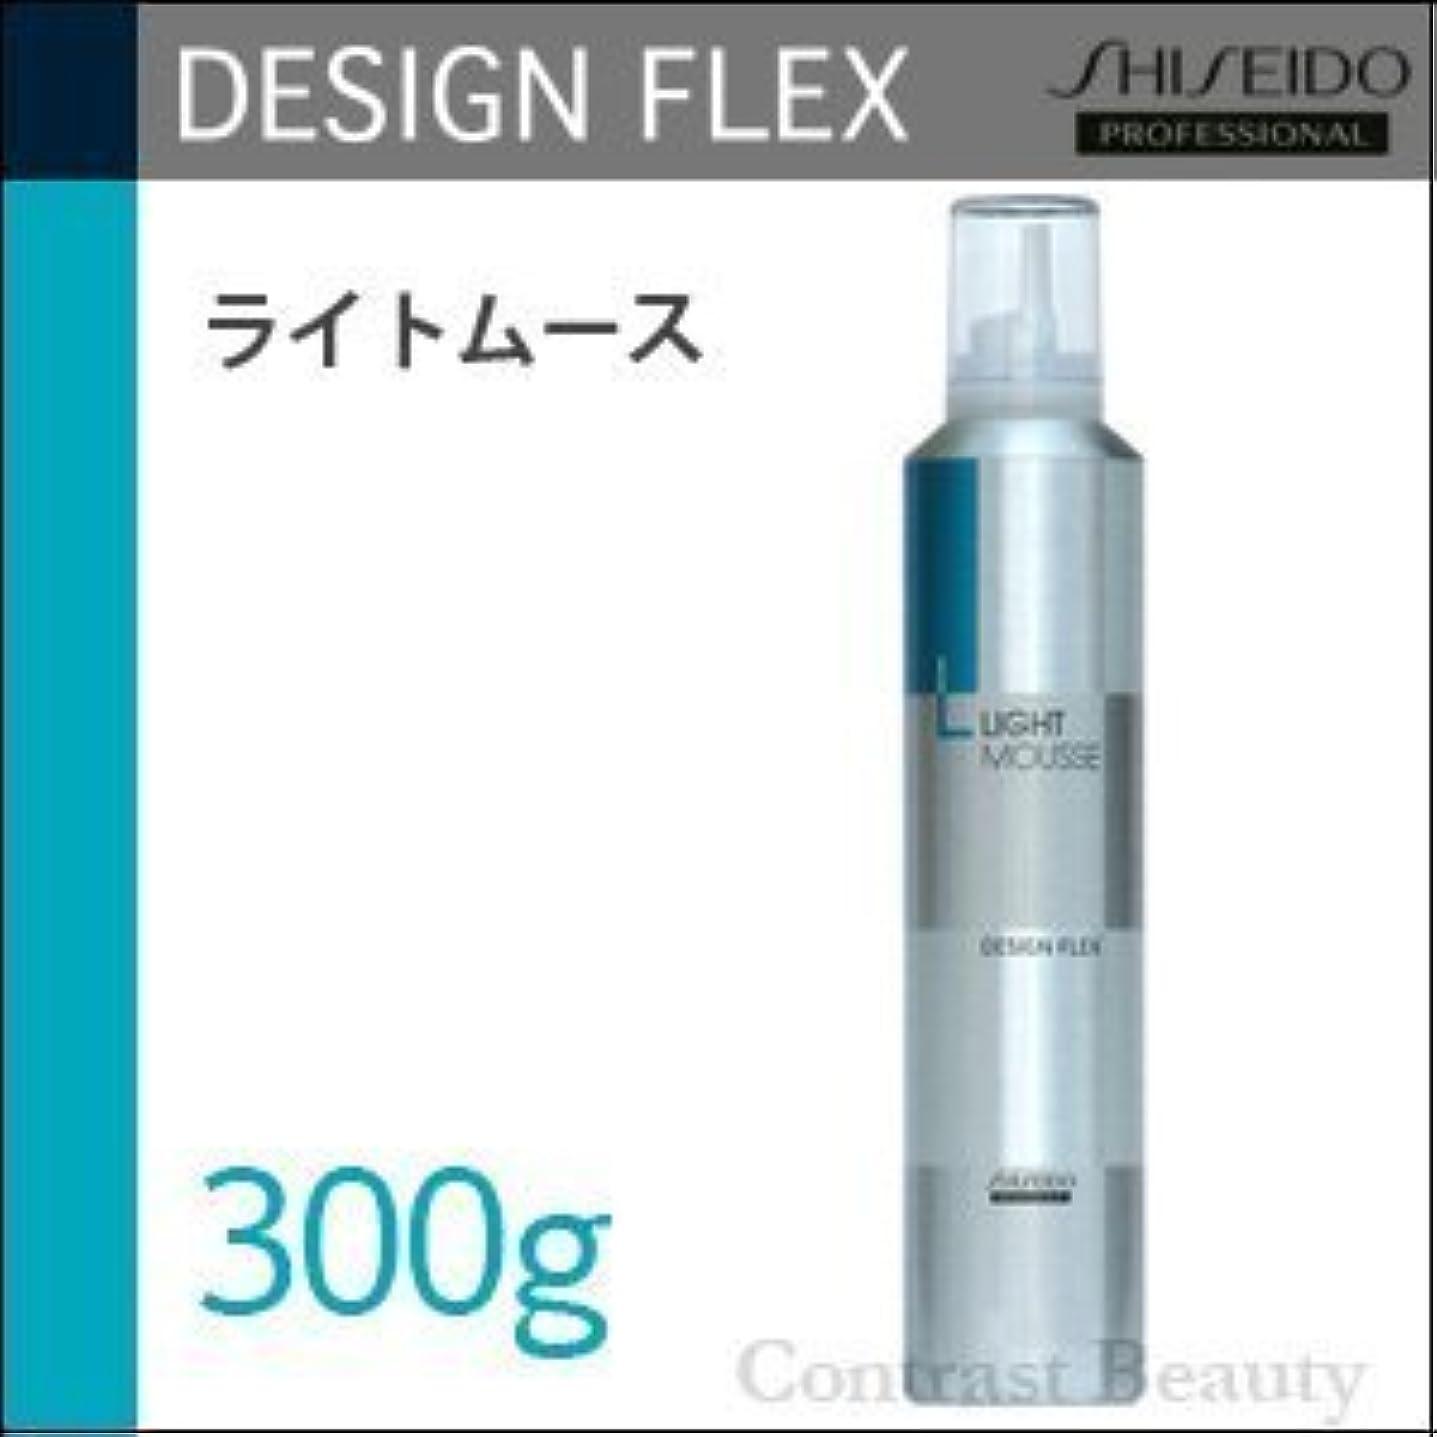 肉腫に話す労働資生堂プロフェッショナル デザインフレックス ライトムース 300g